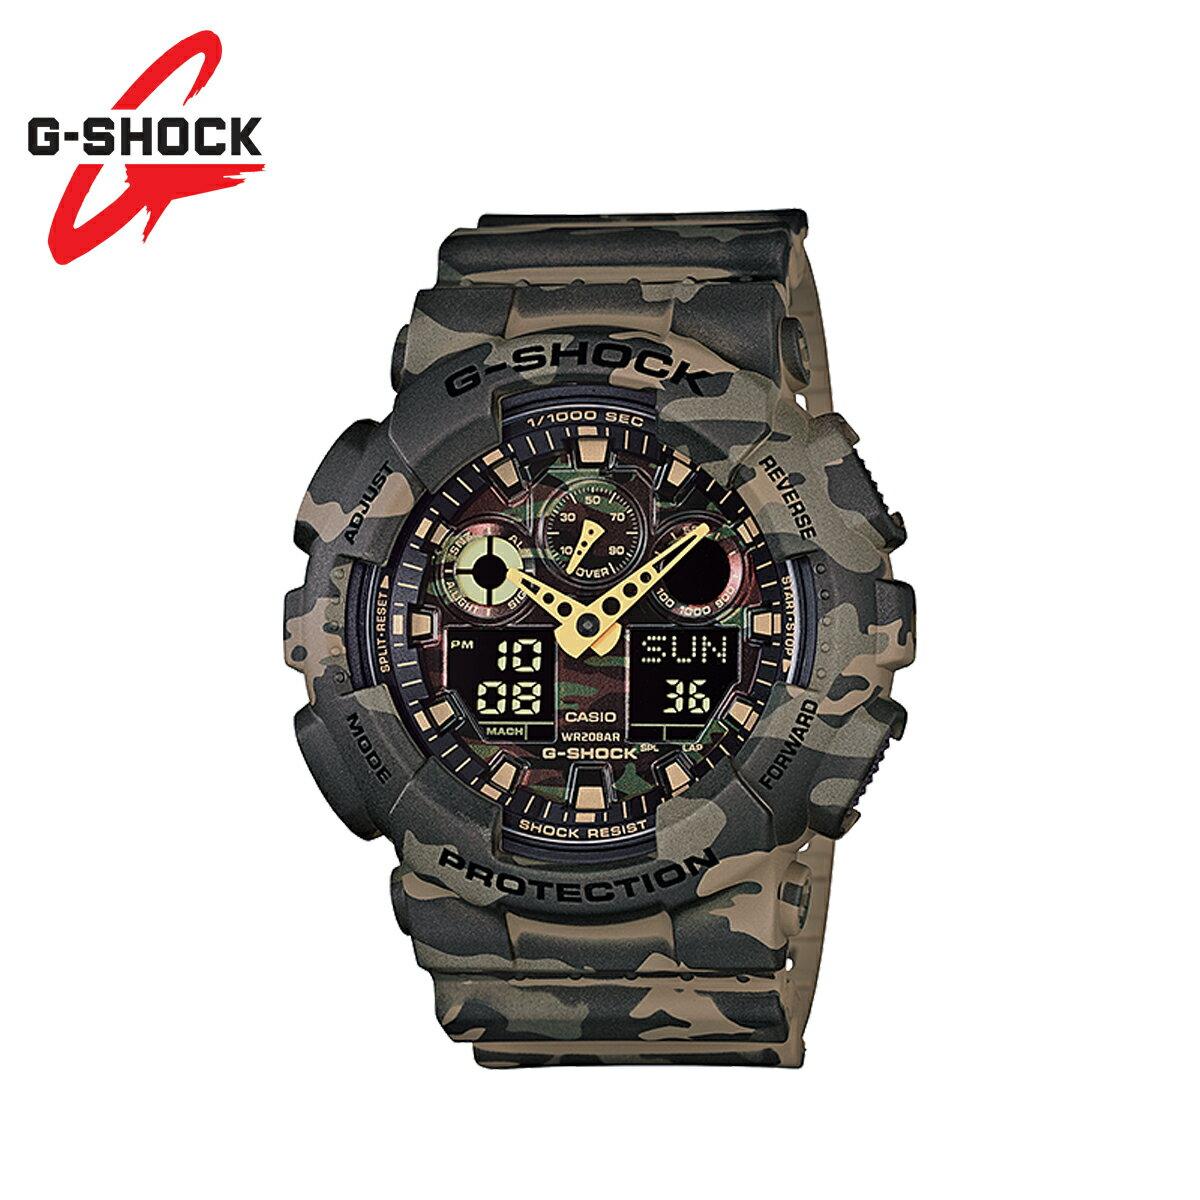 CASIO G-SHOCK military watch !!2 CASIO G-SHOCK G...